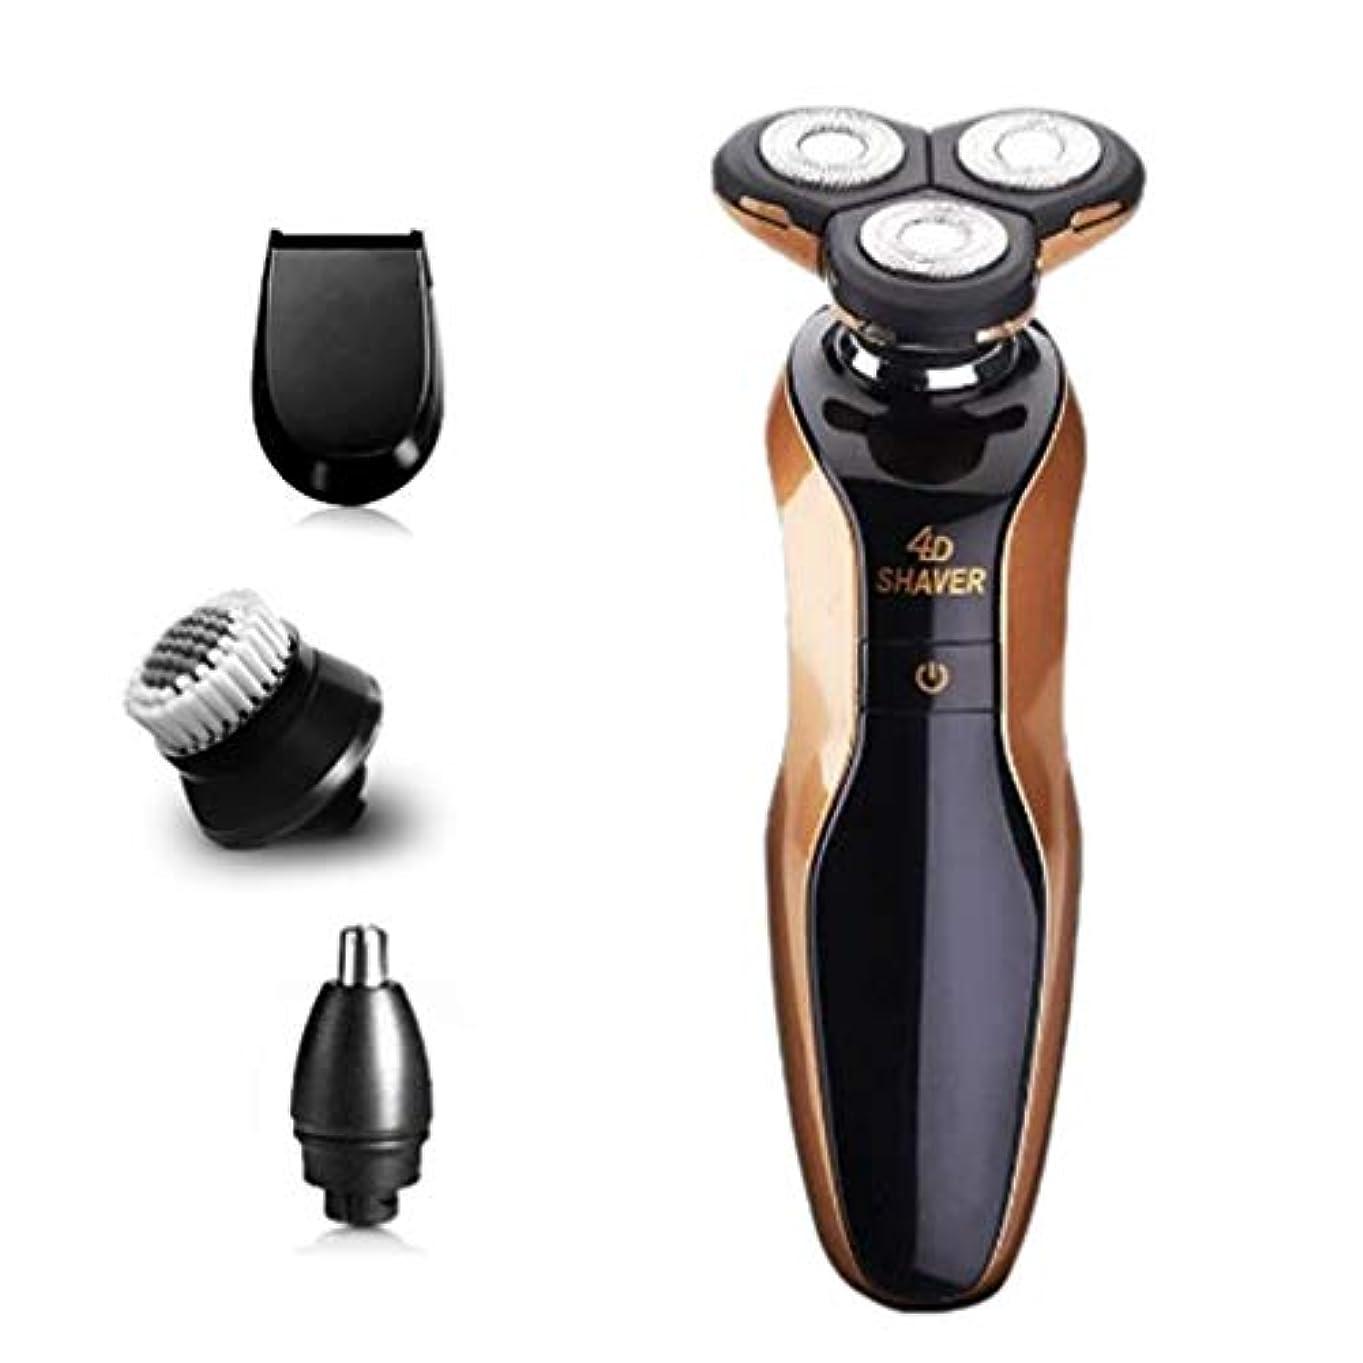 スーダン脅かすヘクタールRQ-310 USB電気かみそり男性洗えるウェット?ドライかみそり鼻毛トリマー角度ナイフクリーナーキット4D浮動カッターヘッド